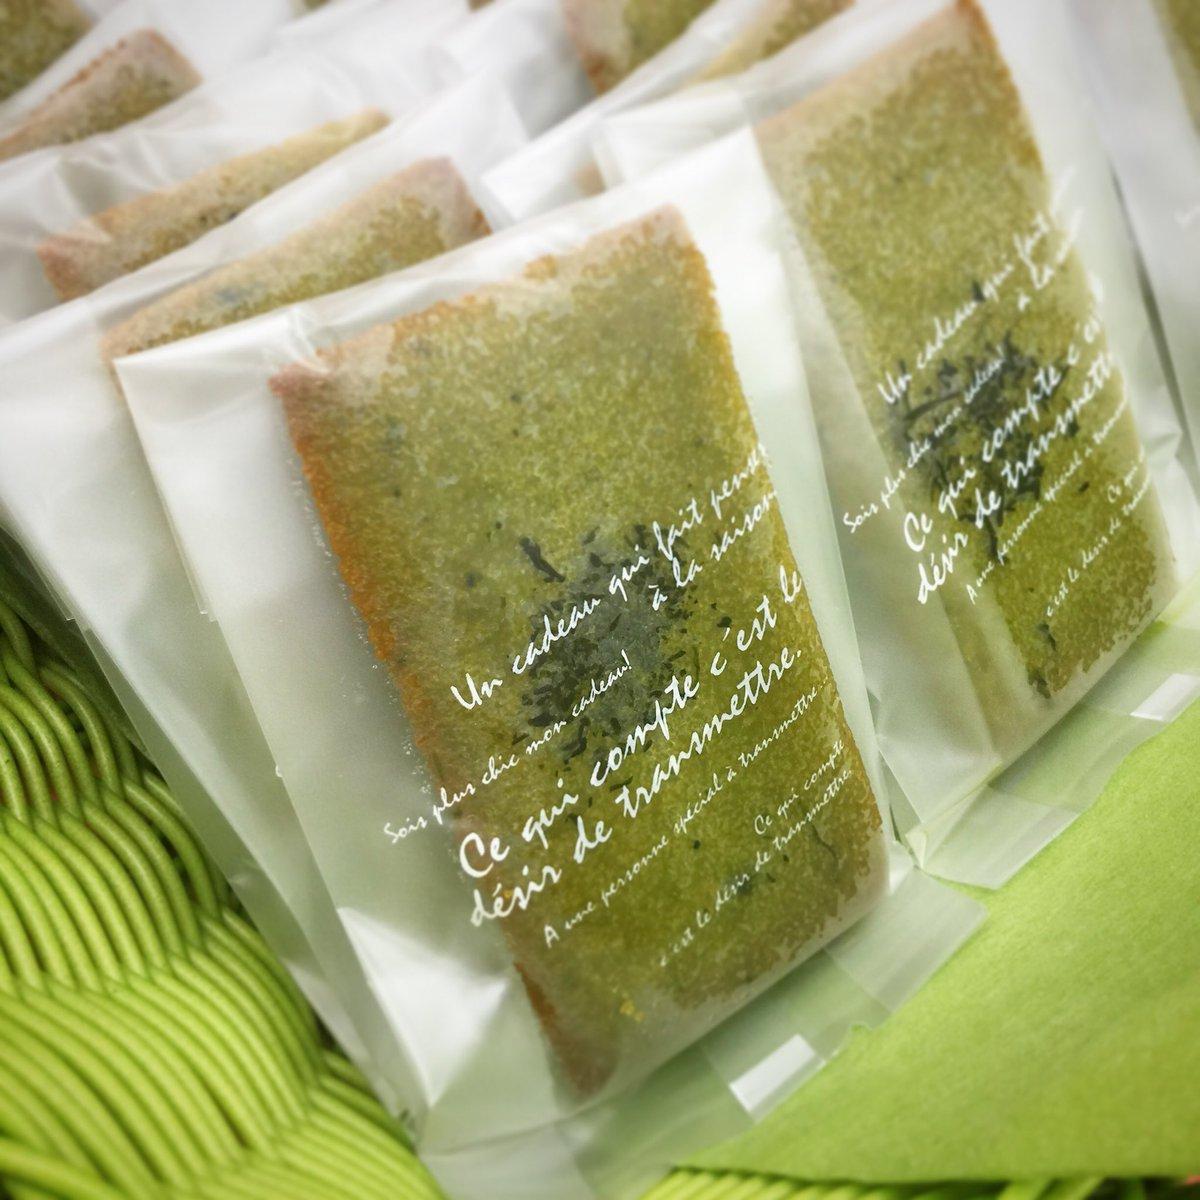 茨城県の三大銘茶「古内茶」の茶葉を使用したお茶のフィナンシェです😊 #フィナンシェ #古内茶 #茨城のお茶